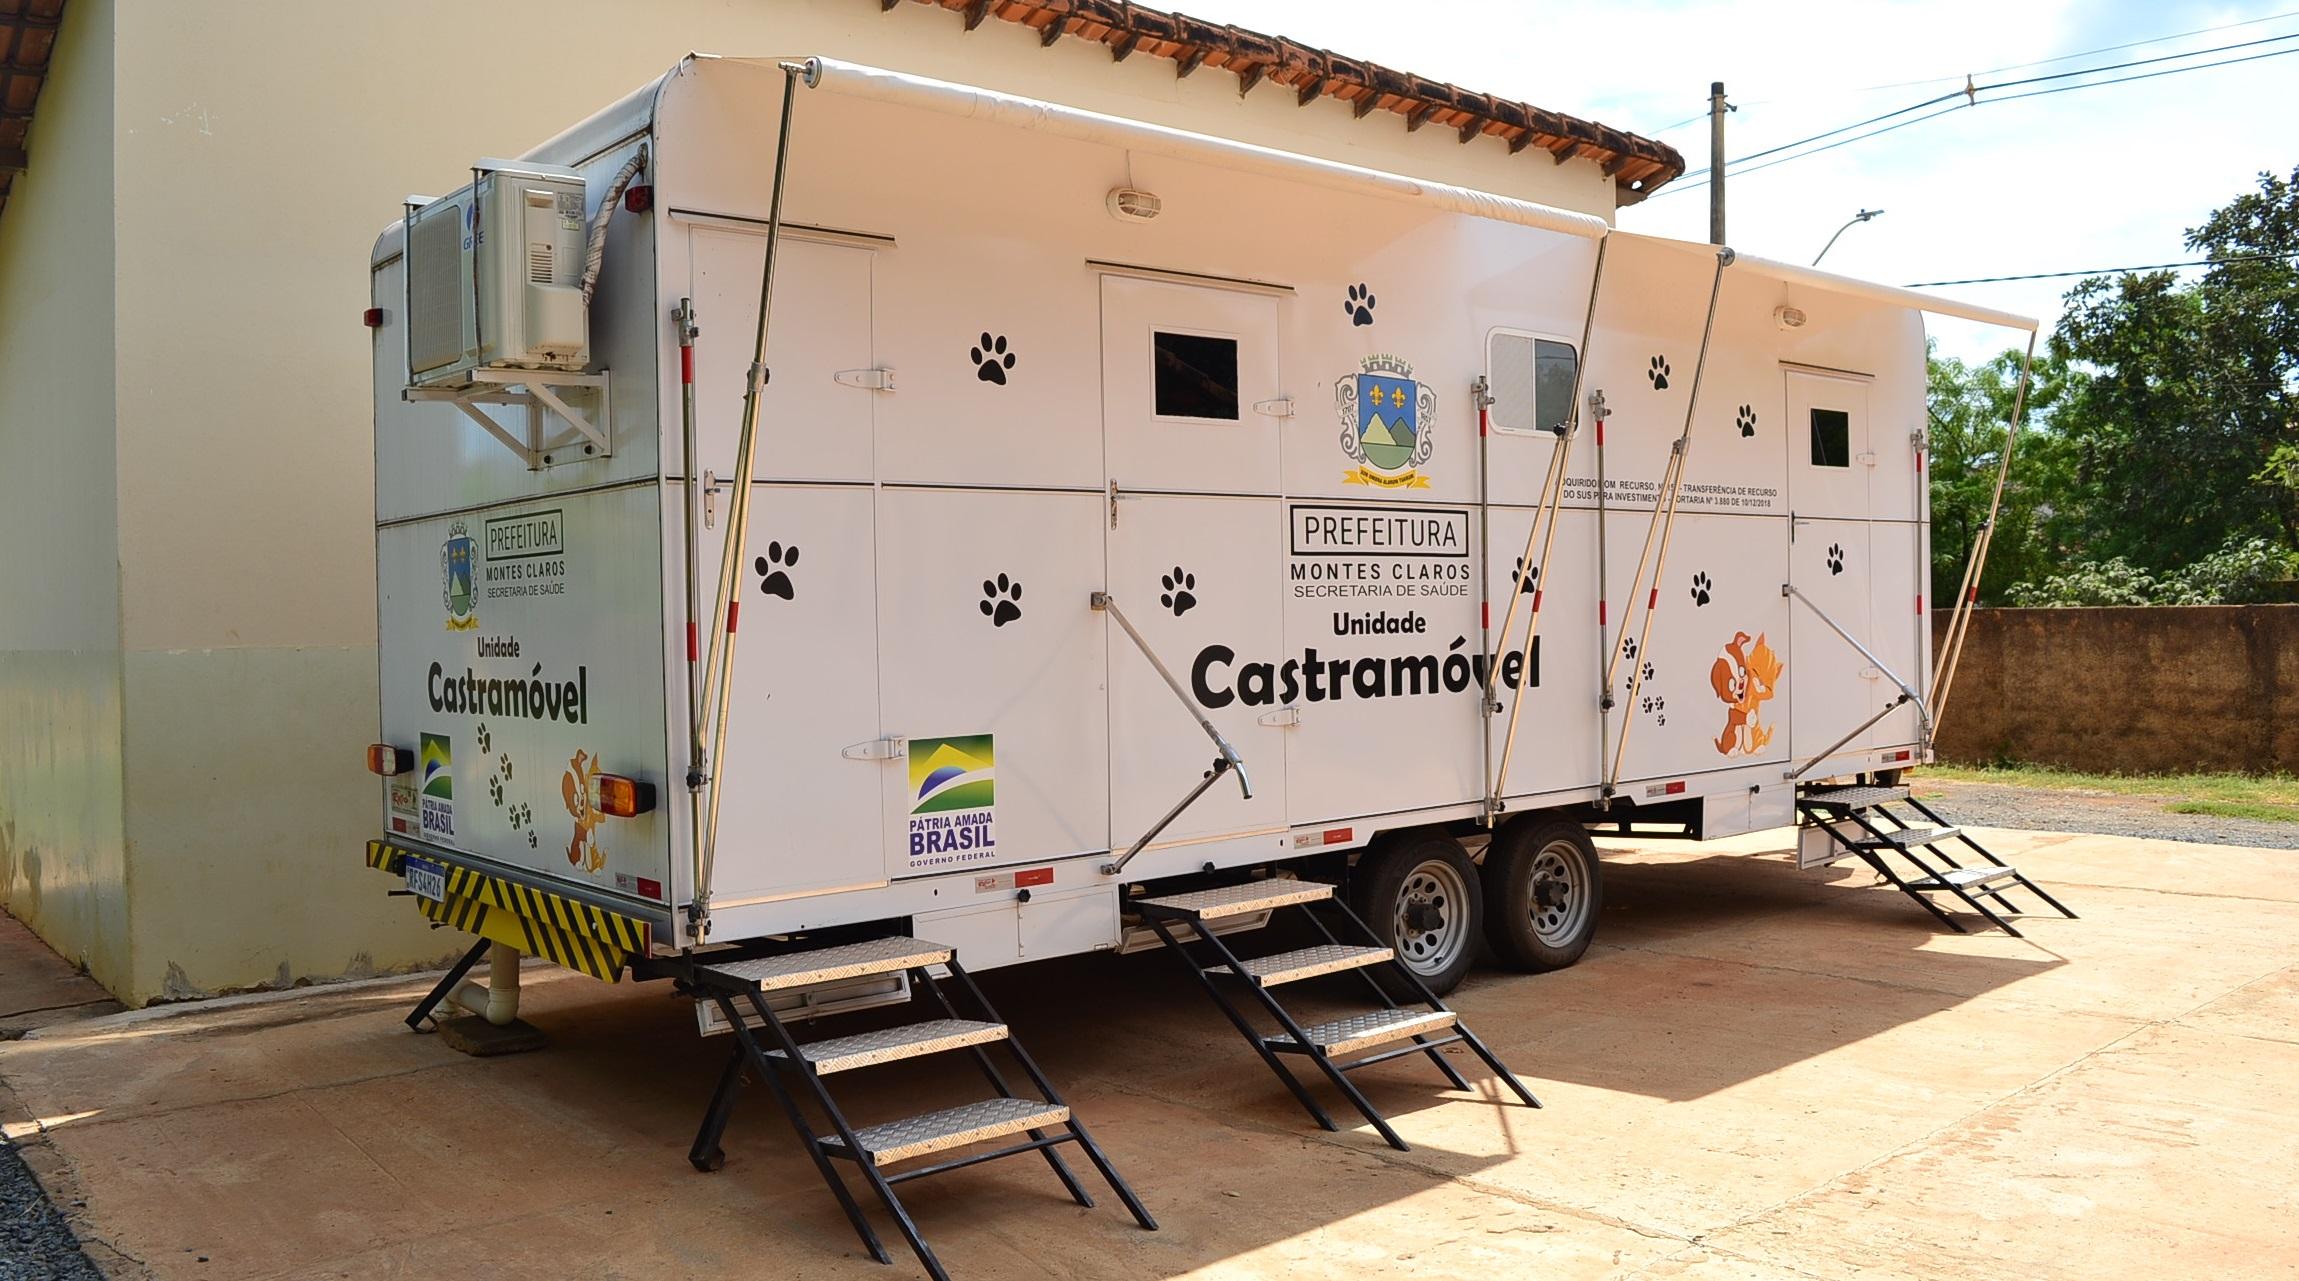 Imagem de destaque Prefeitura realizou mais de 200 castrações de cães e gatos em agosto